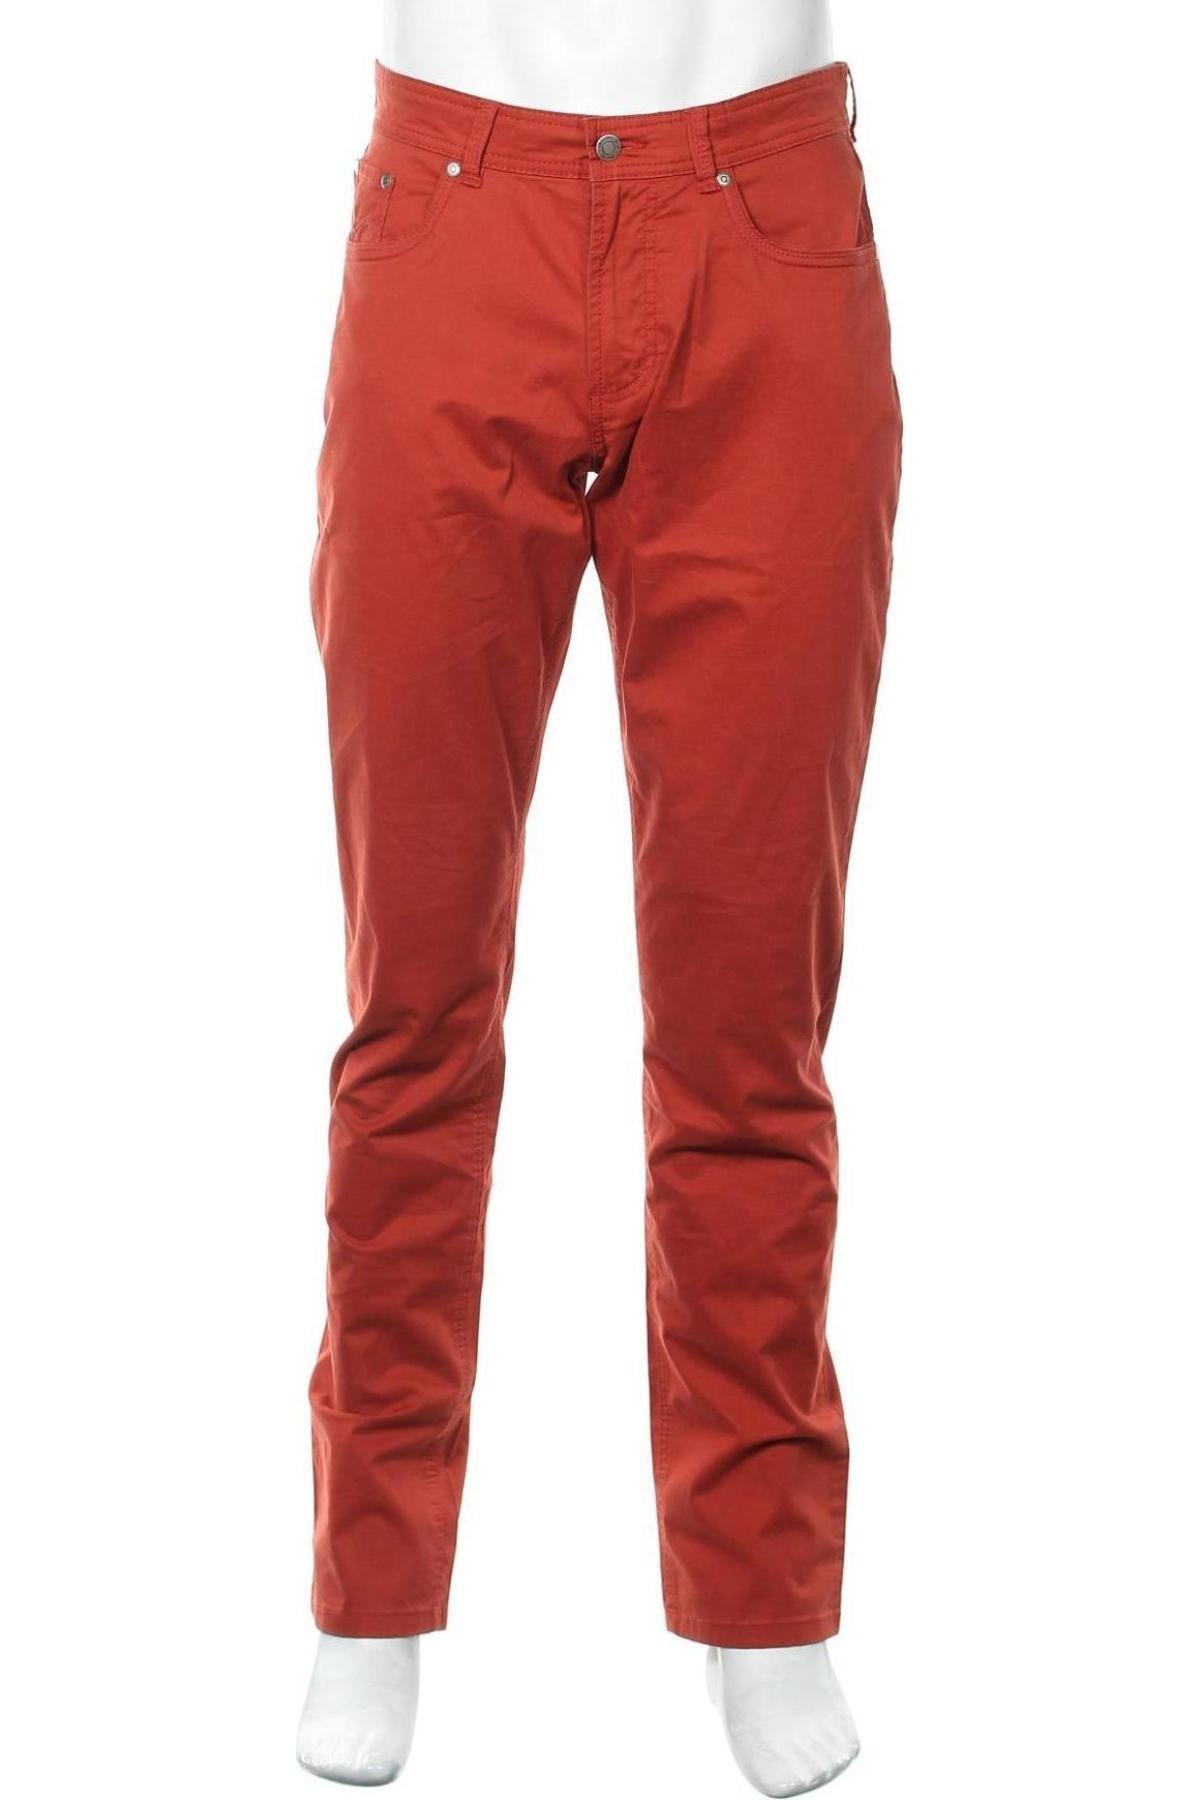 Мъжки панталон Christian Berg, Размер L, Цвят Червен, 97% памук, 3% еластан, Цена 57,00лв.